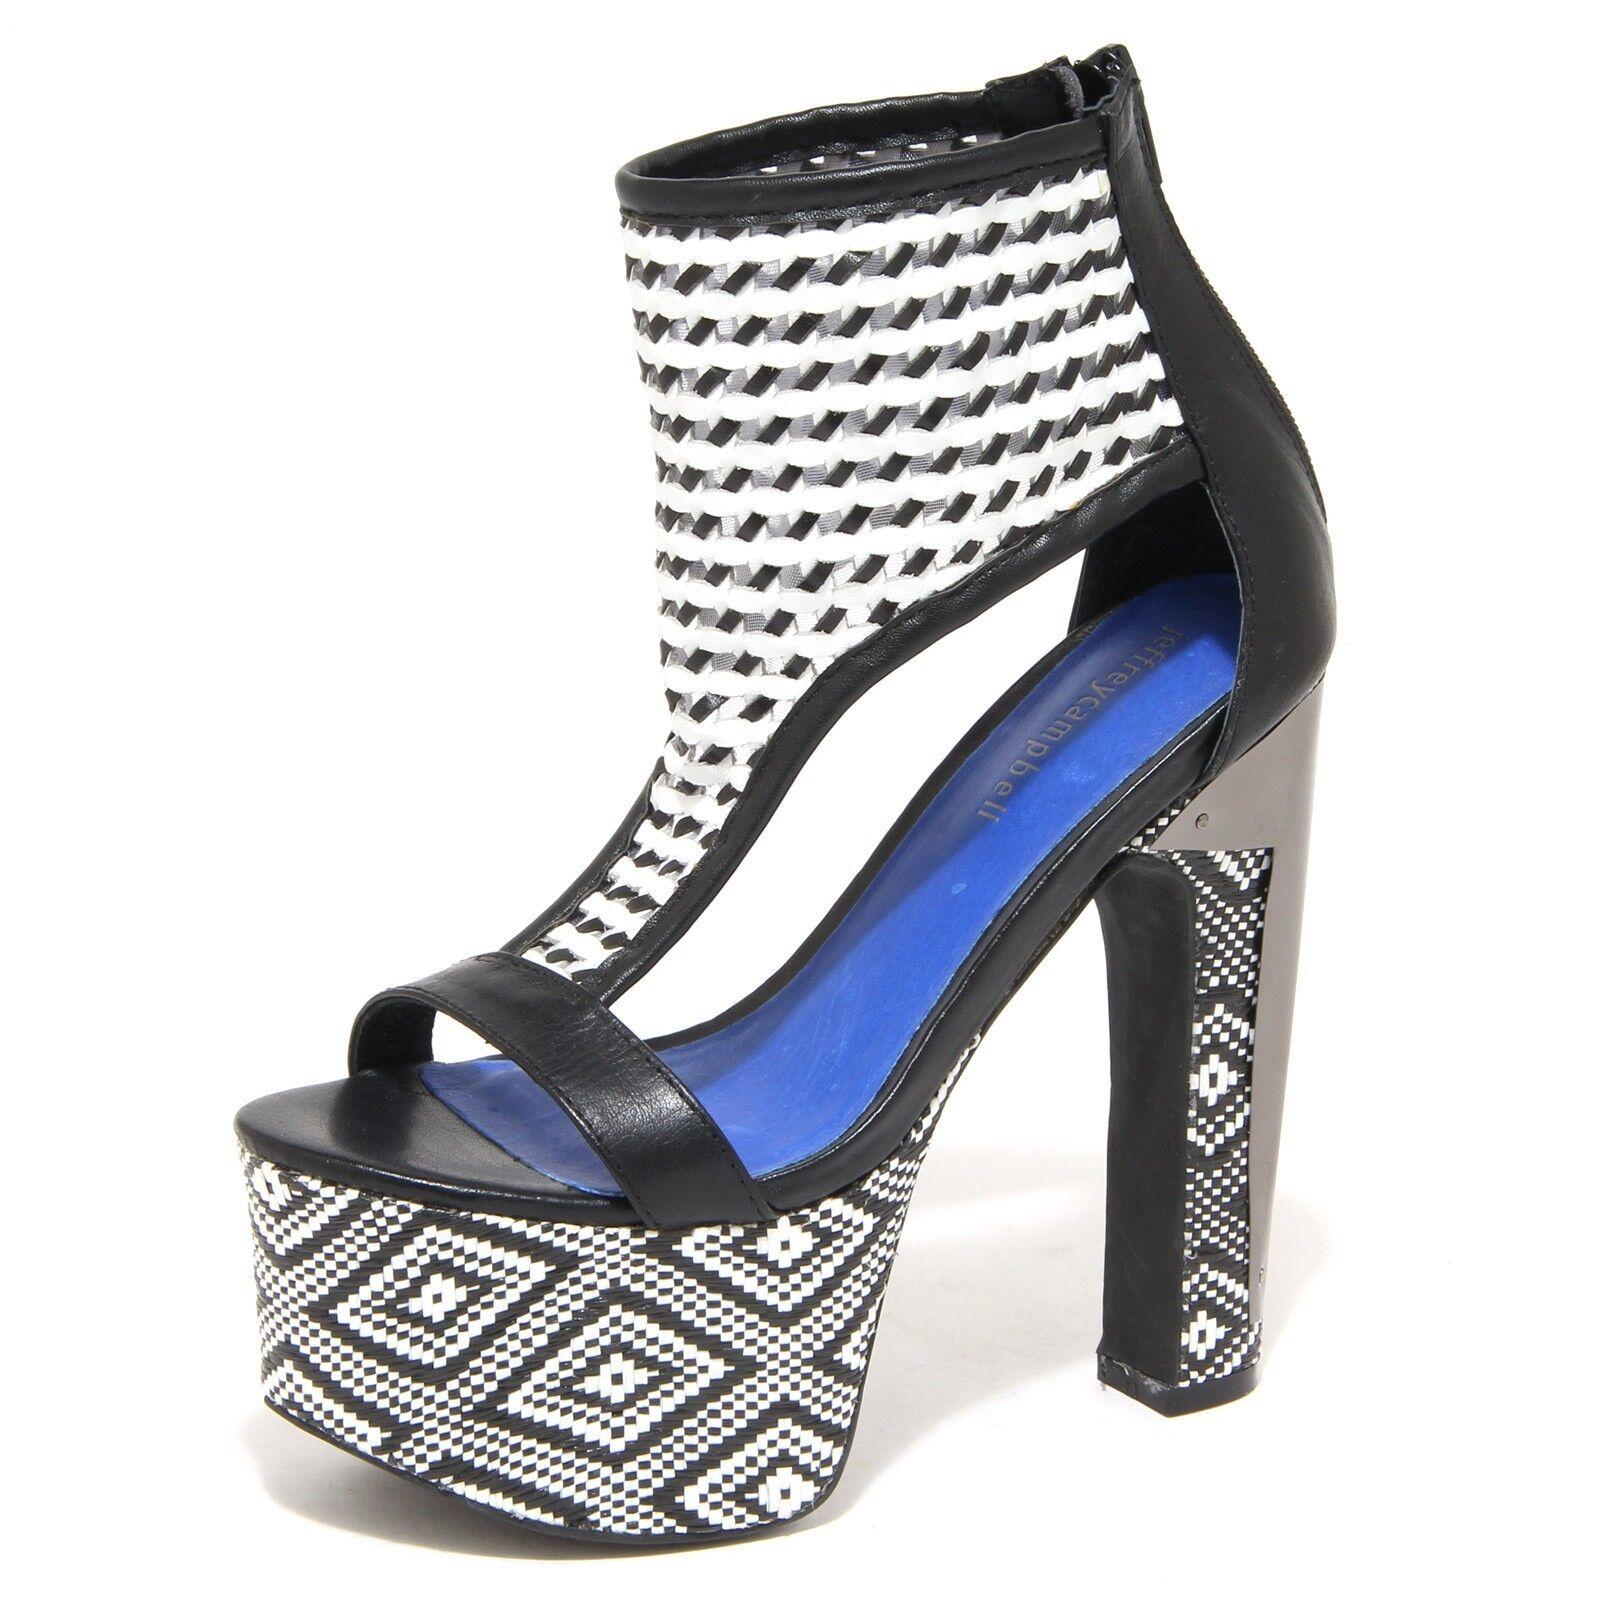 Spedizione gratuita al 100% 8833N sandalo JEFFREY CAMPBELL ZASU nero bianco sandali donna donna donna sandals donna  negozio di moda in vendita